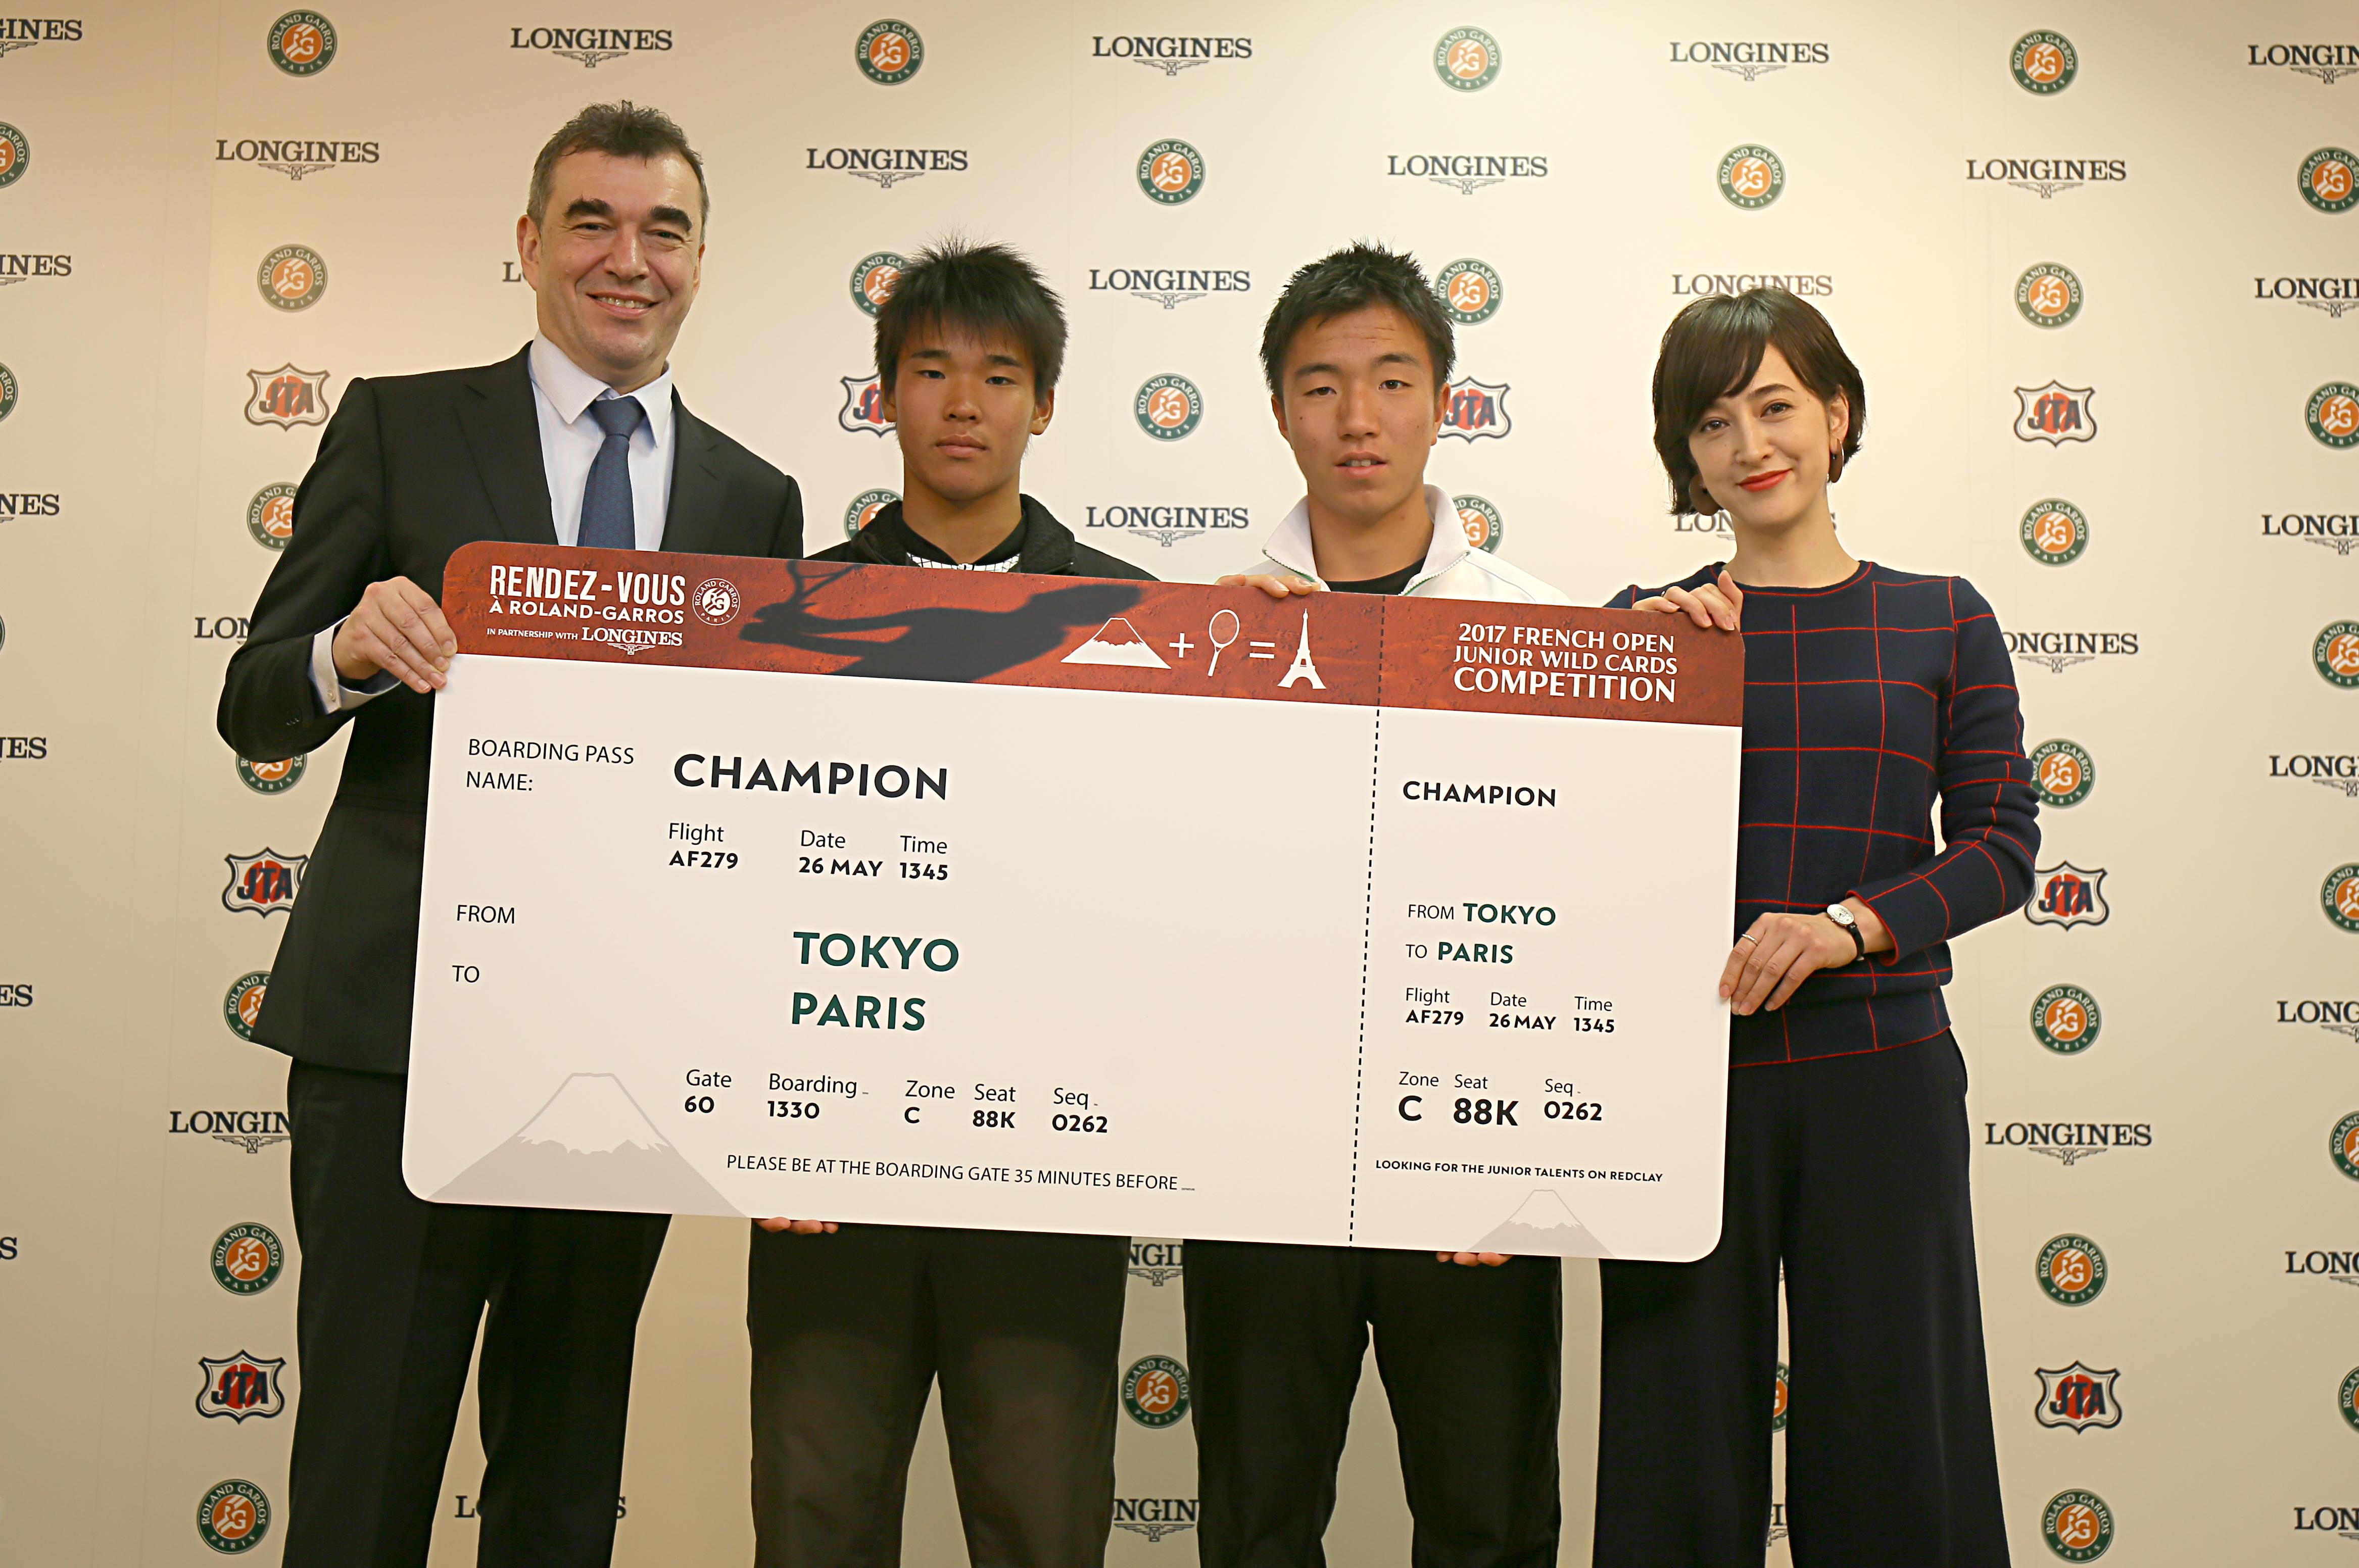 全仏オープン日本予選のチャンピオンボード